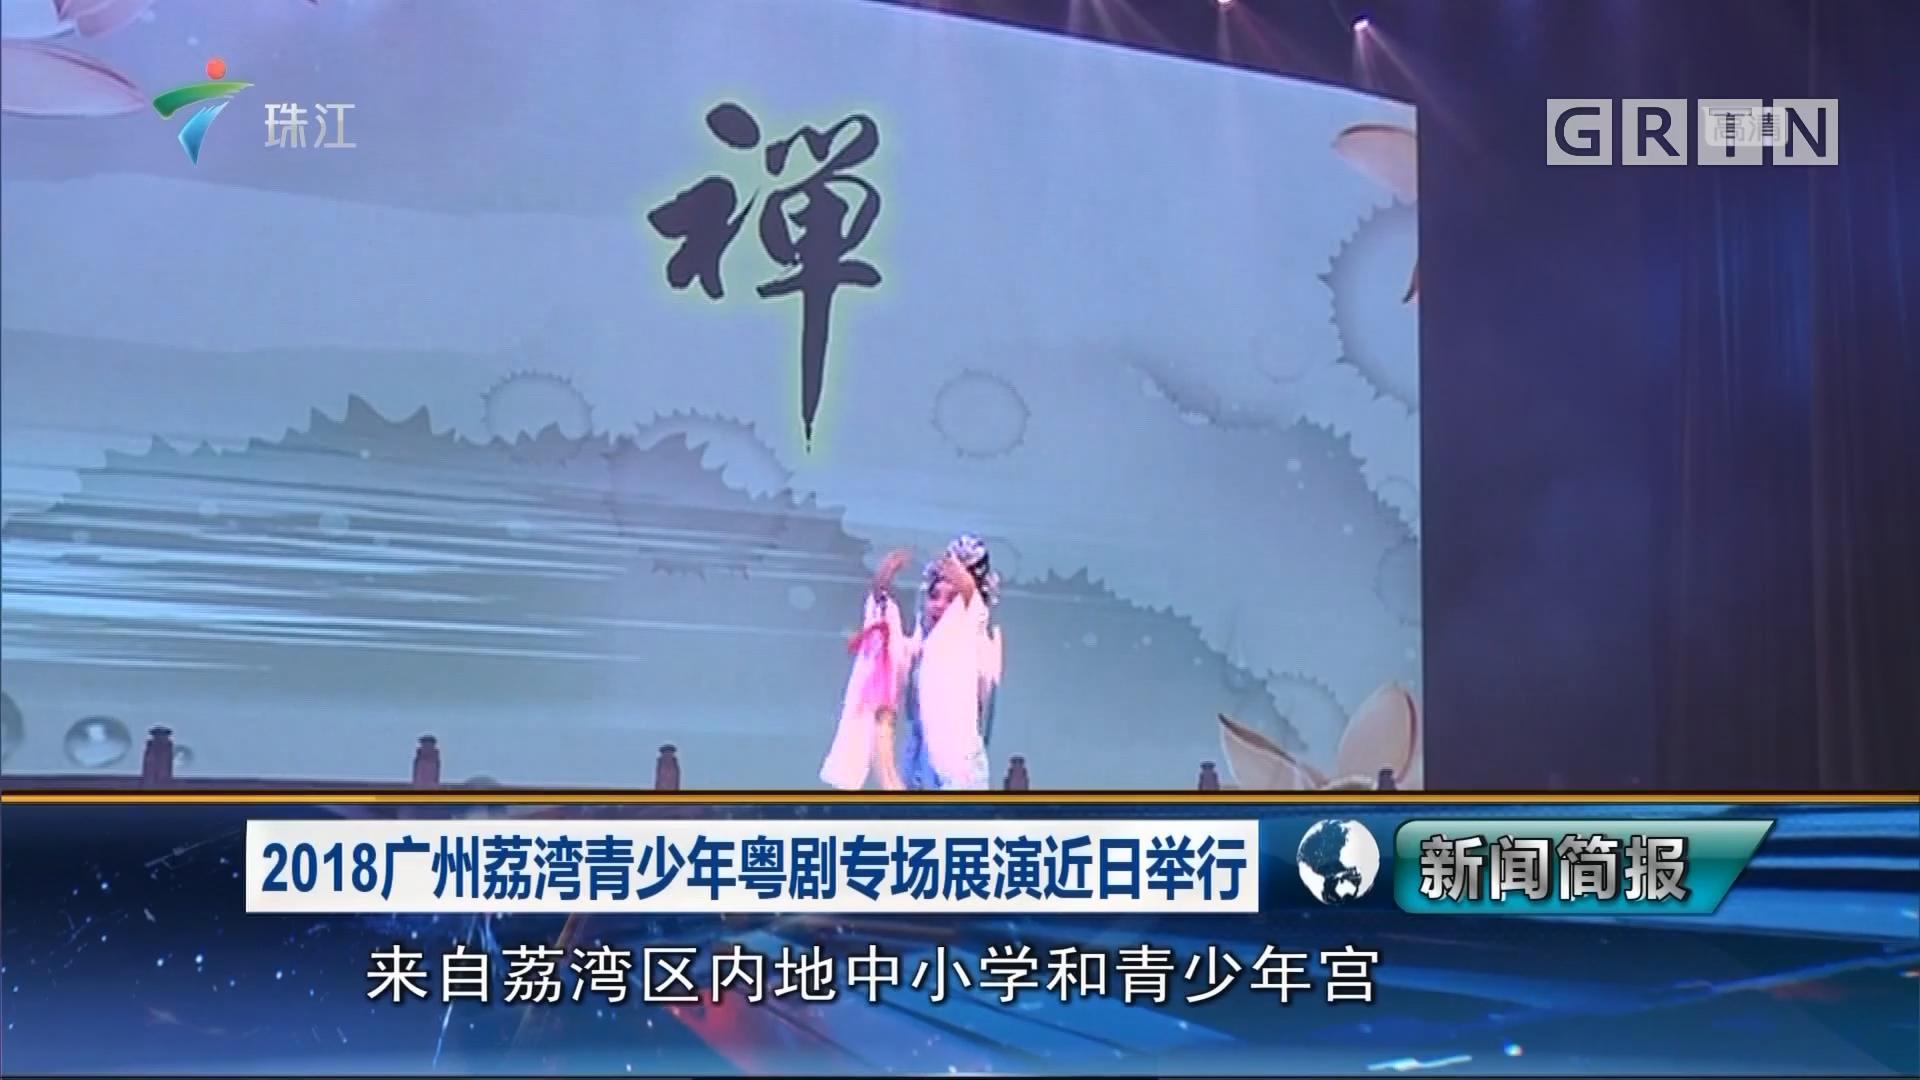 2018广州荔湾青少年粤剧专场展演近日举行